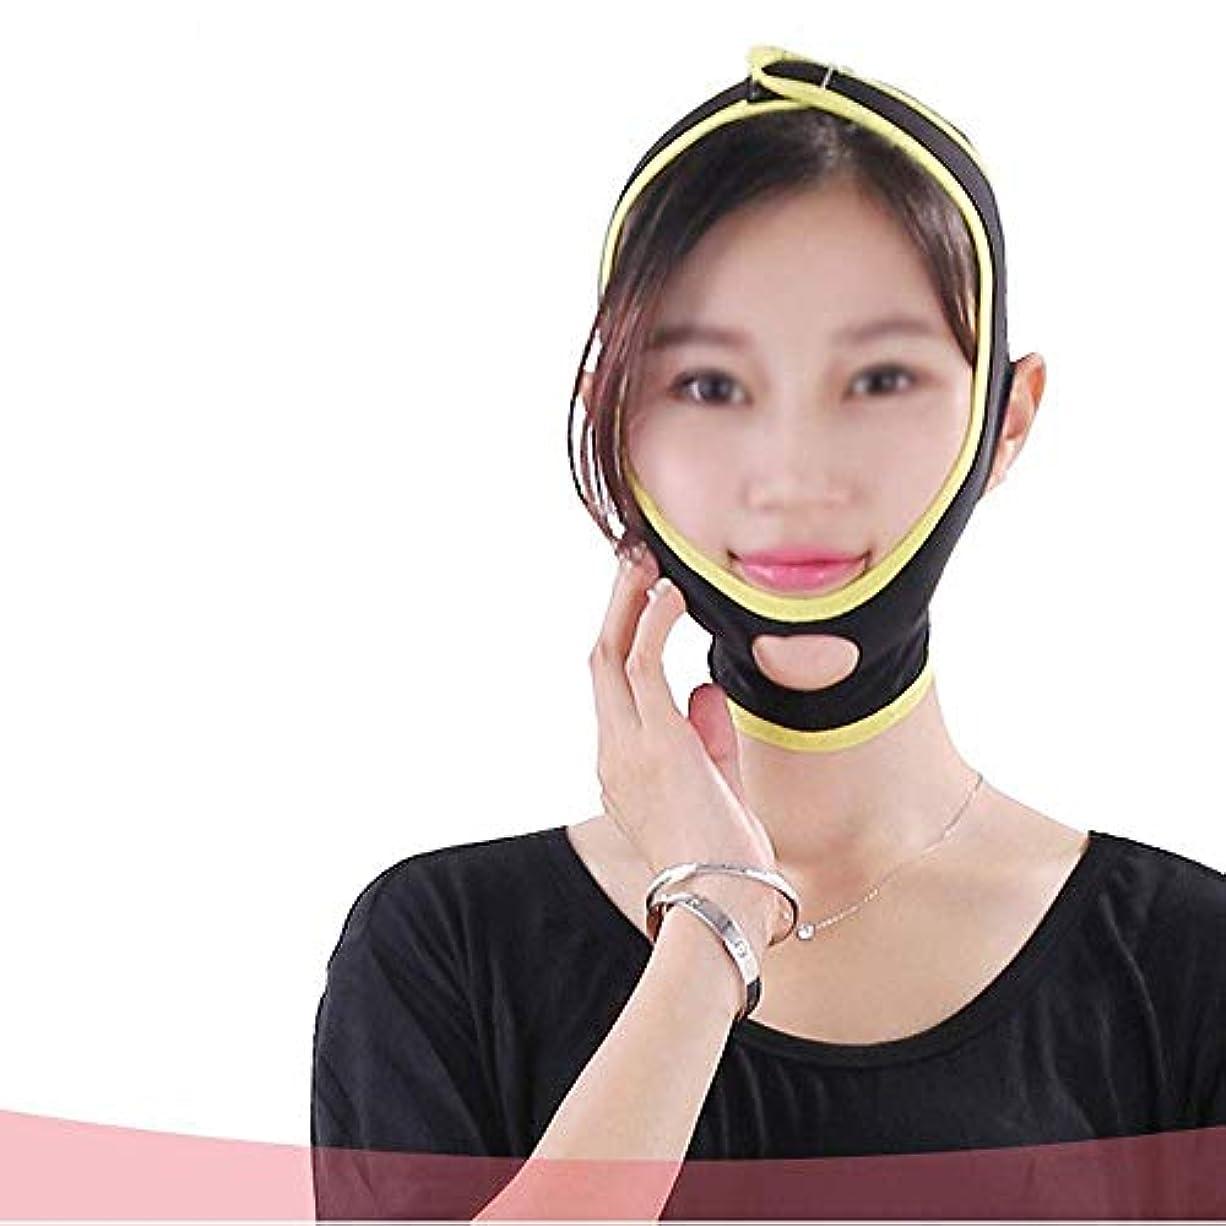 どこ受益者線睡眠用フェイスマスク、薄い顔の包帯、小さな顔Vの顔、薄い顔、フェイスリフト付き(サイズ:M)